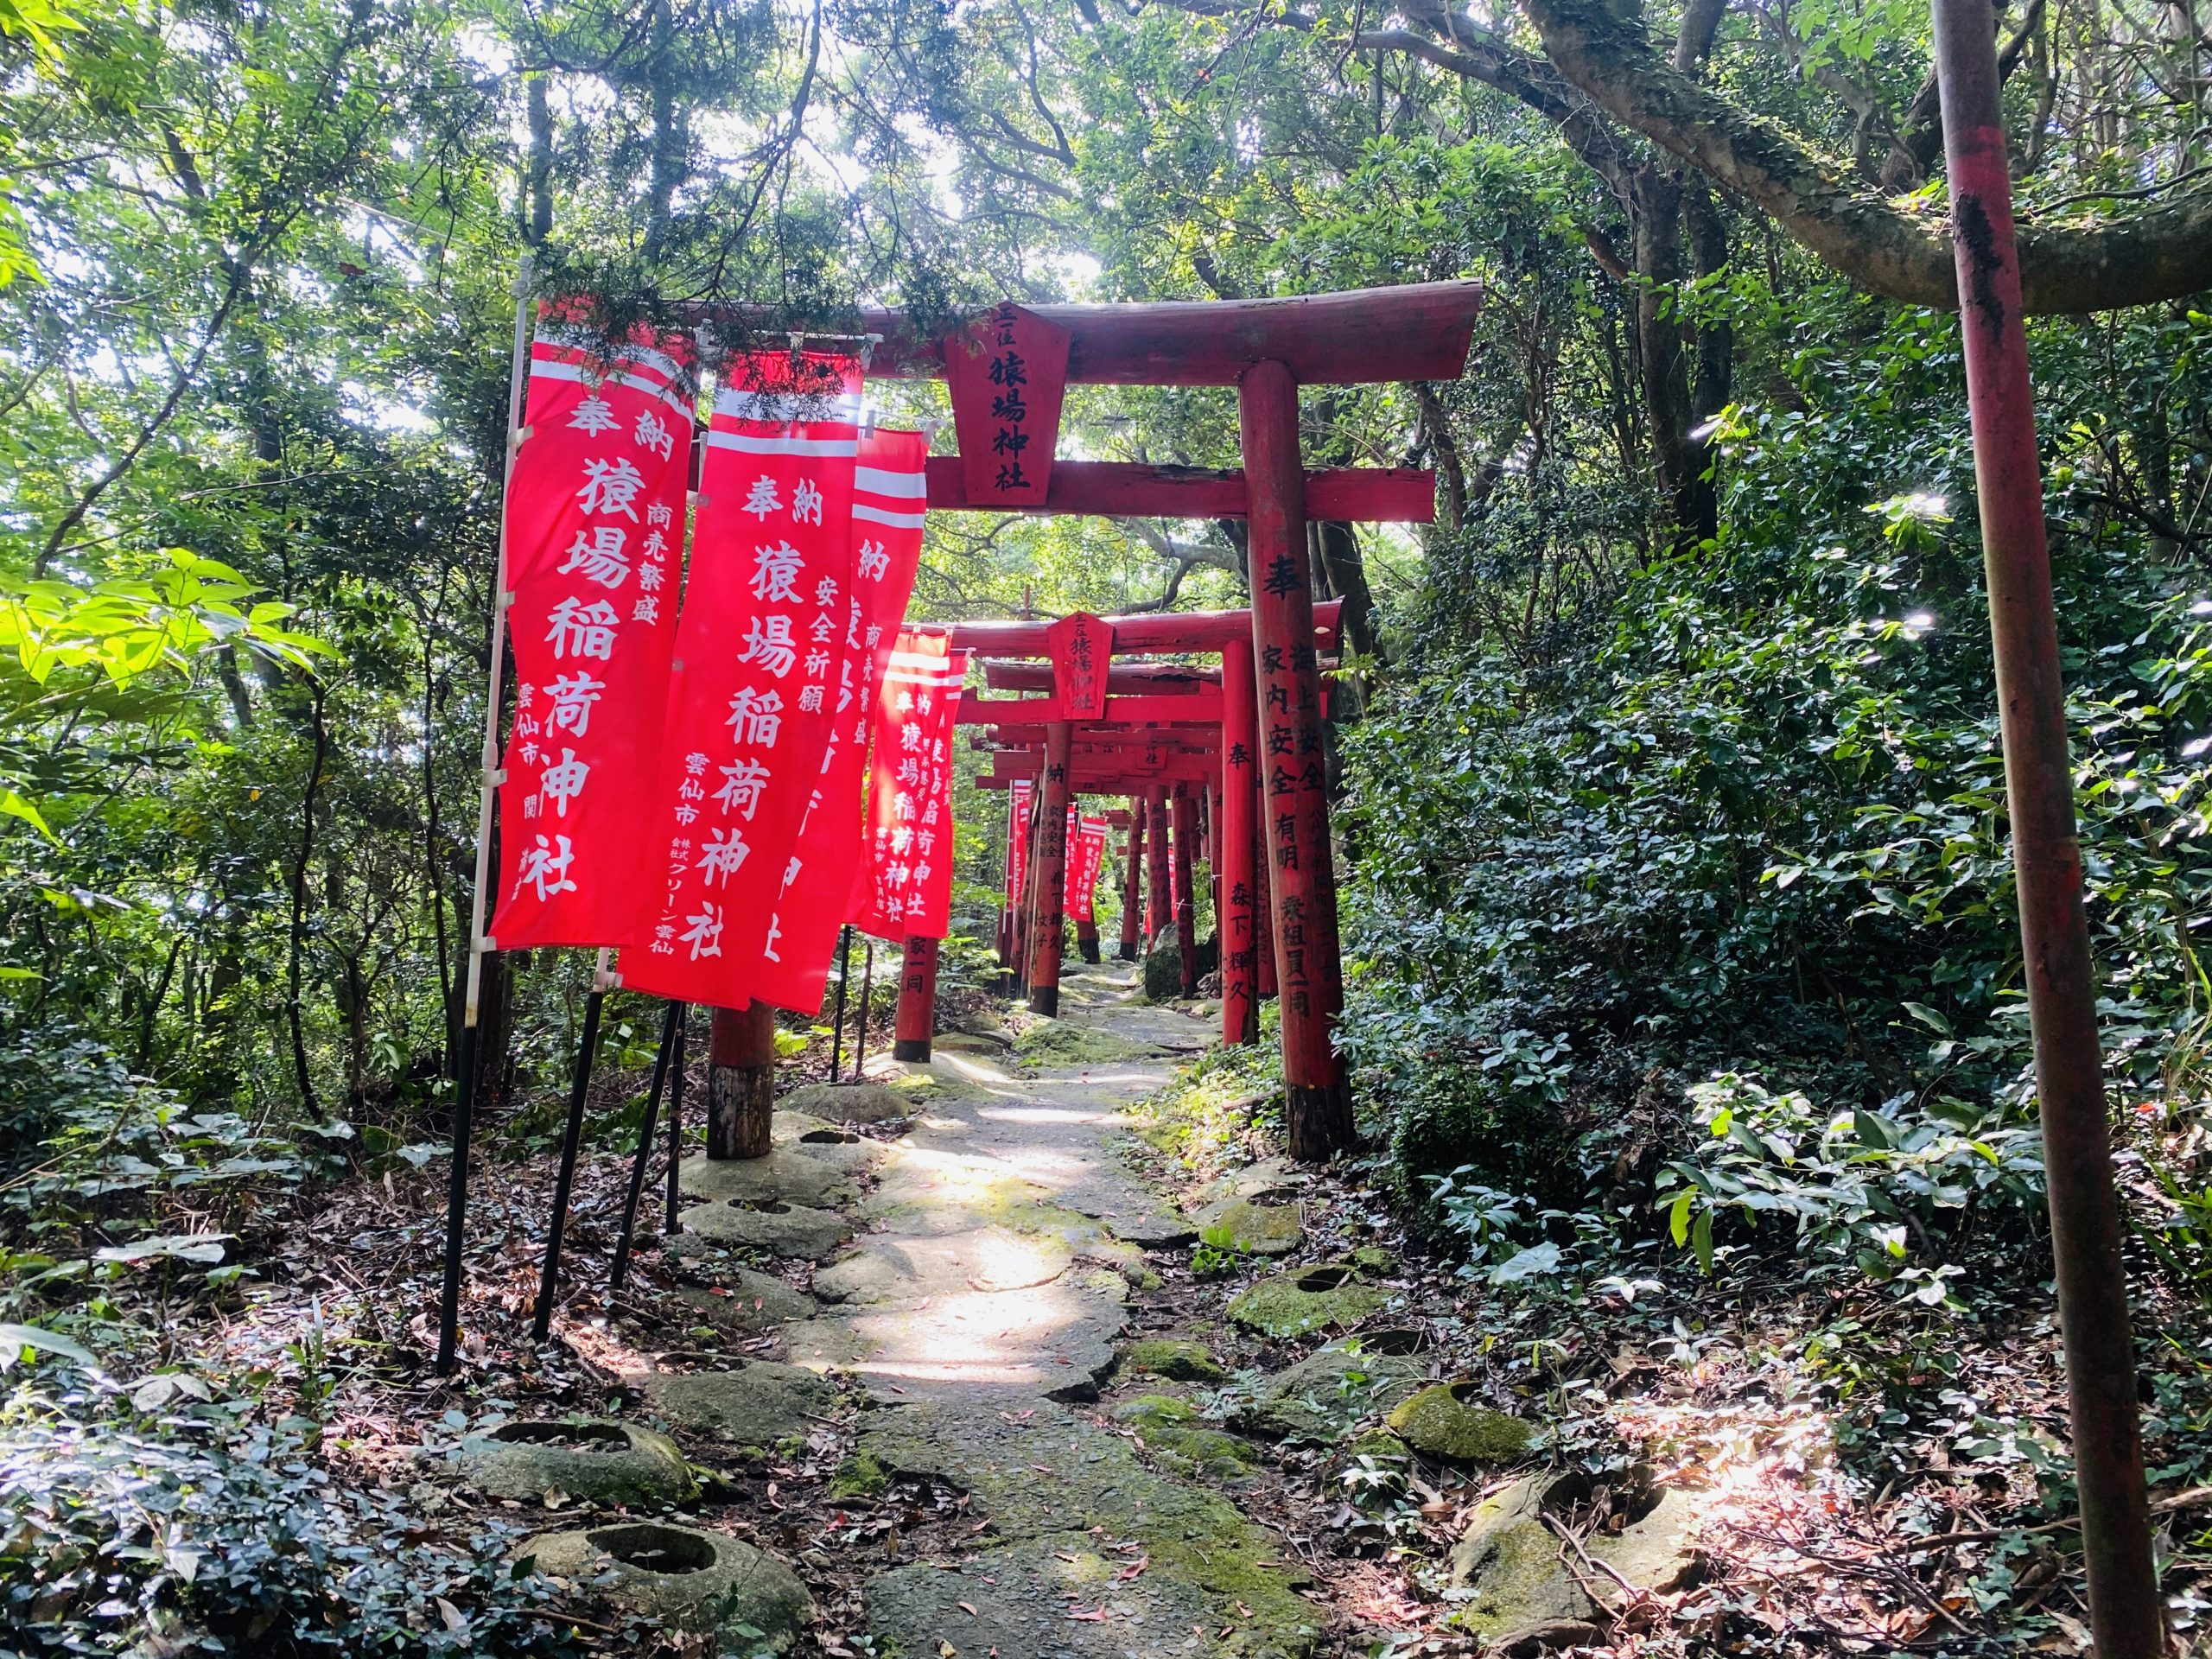 朱色の鳥居が立ち並ぶ神社